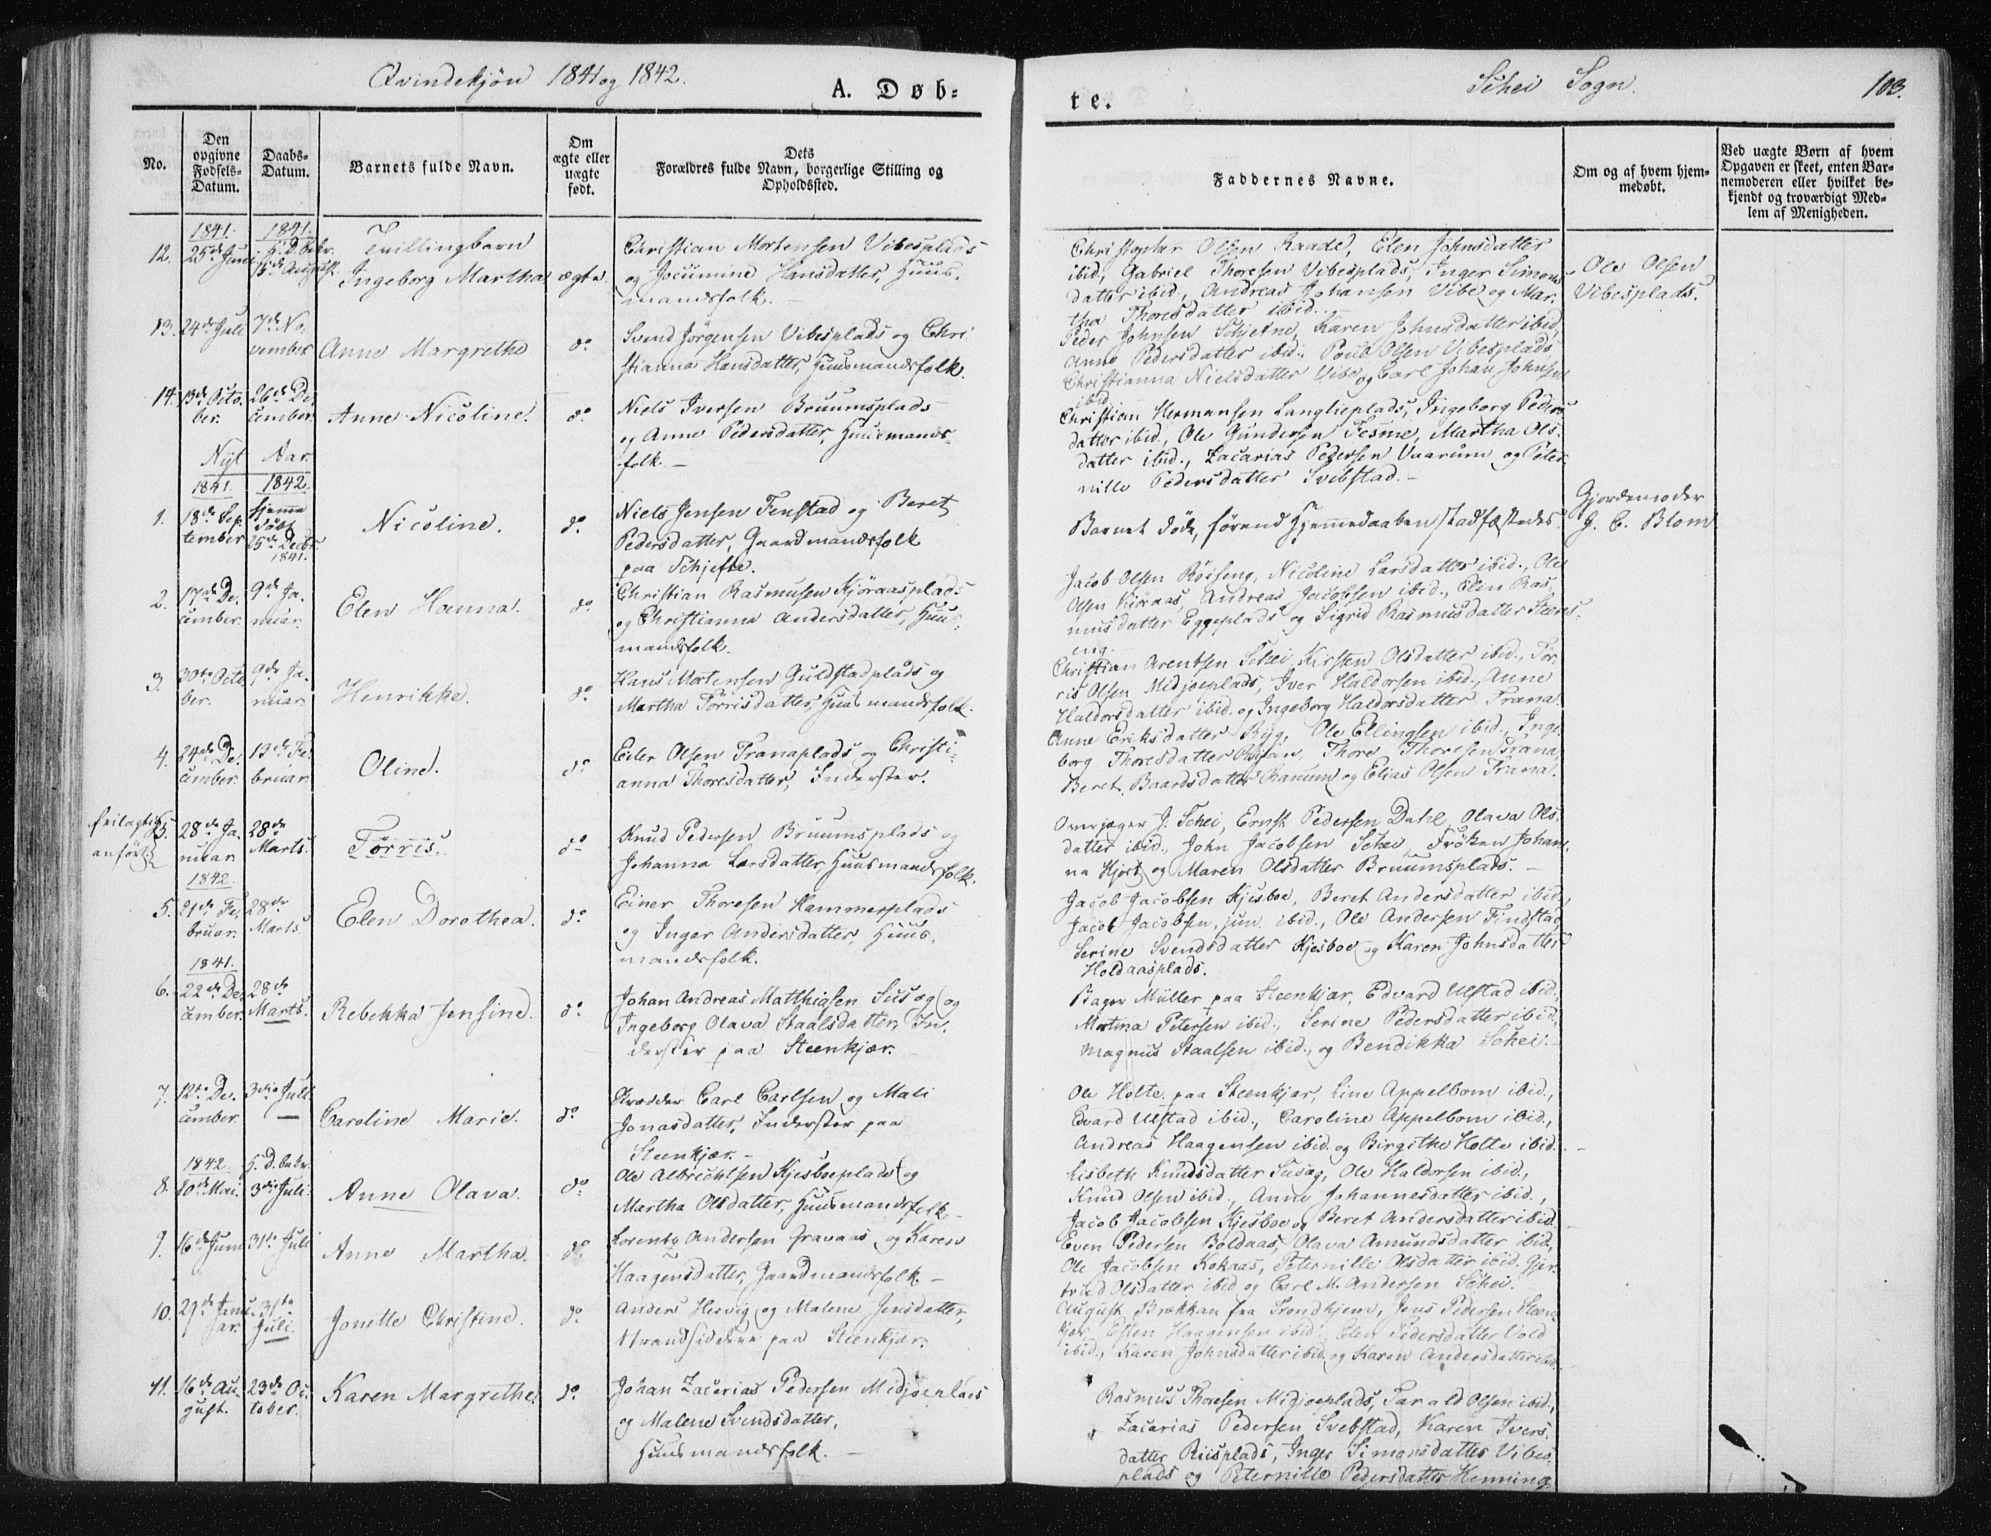 SAT, Ministerialprotokoller, klokkerbøker og fødselsregistre - Nord-Trøndelag, 735/L0339: Ministerialbok nr. 735A06 /2, 1836-1848, s. 103